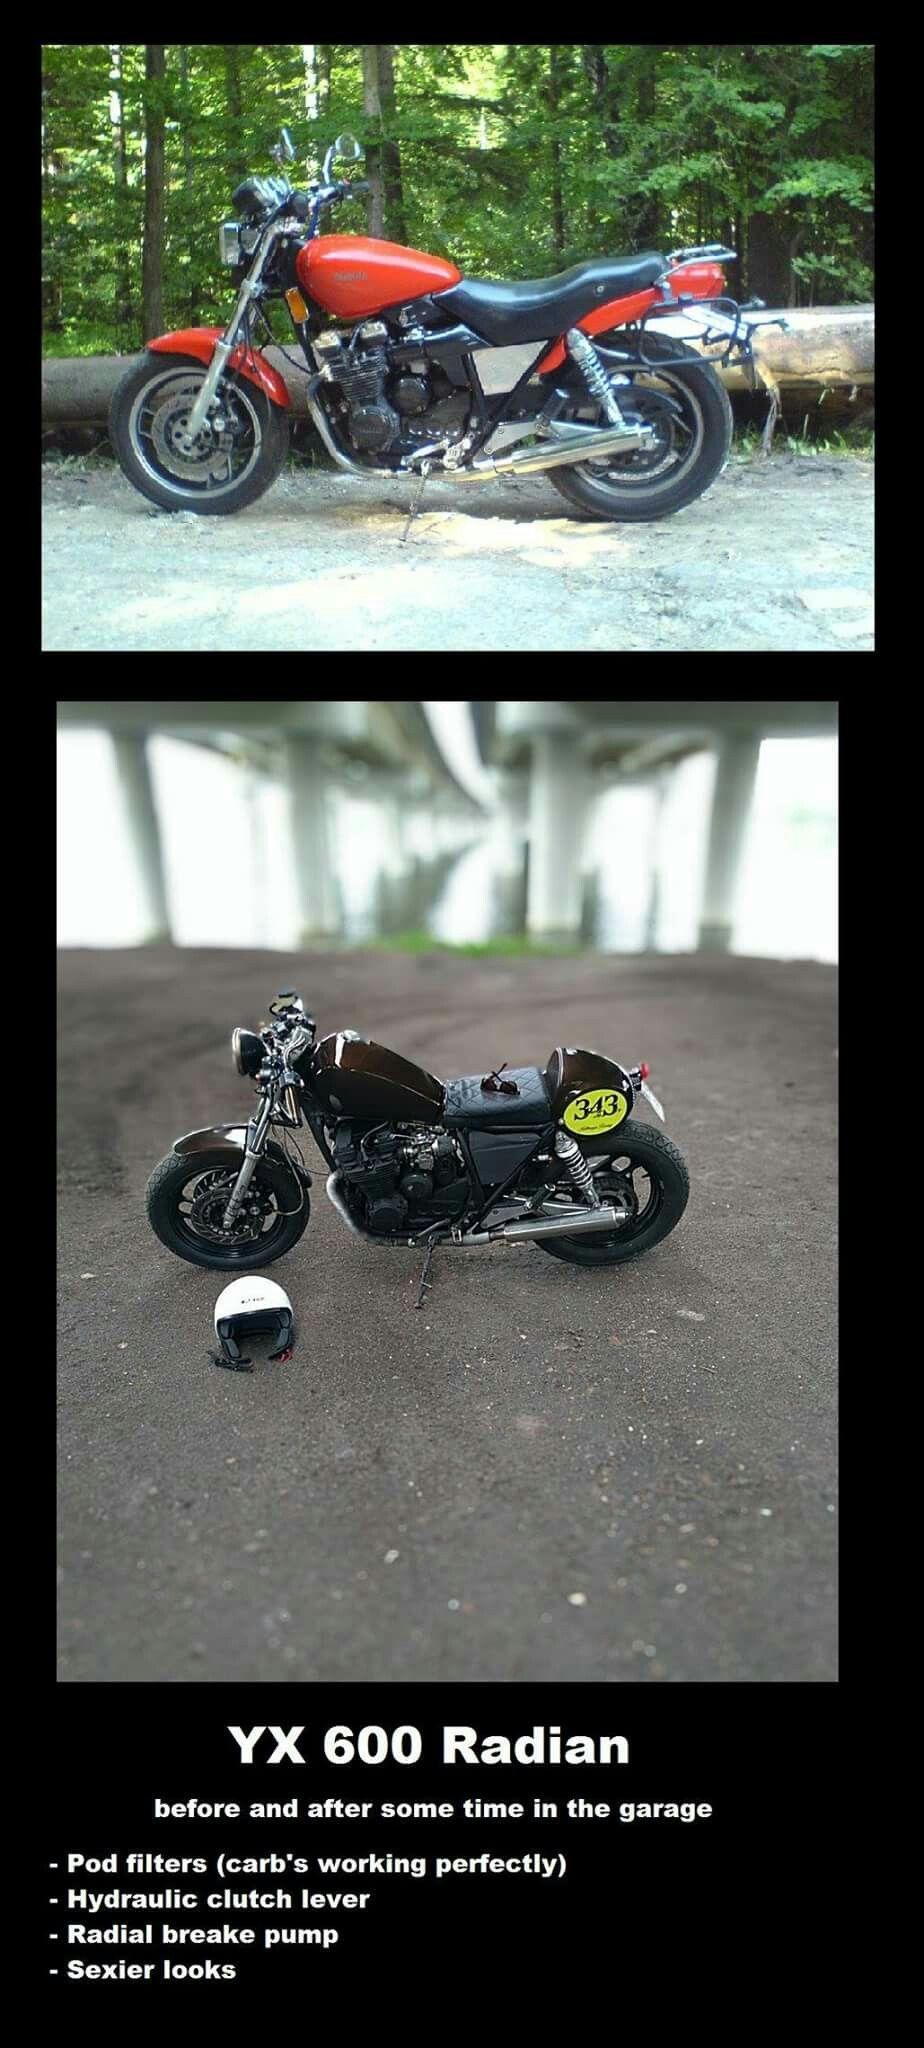 Yamaha YX 600 radian cafe racer Bobber, Yamaha, Motorcycles, Motorbikes,  Choppers,